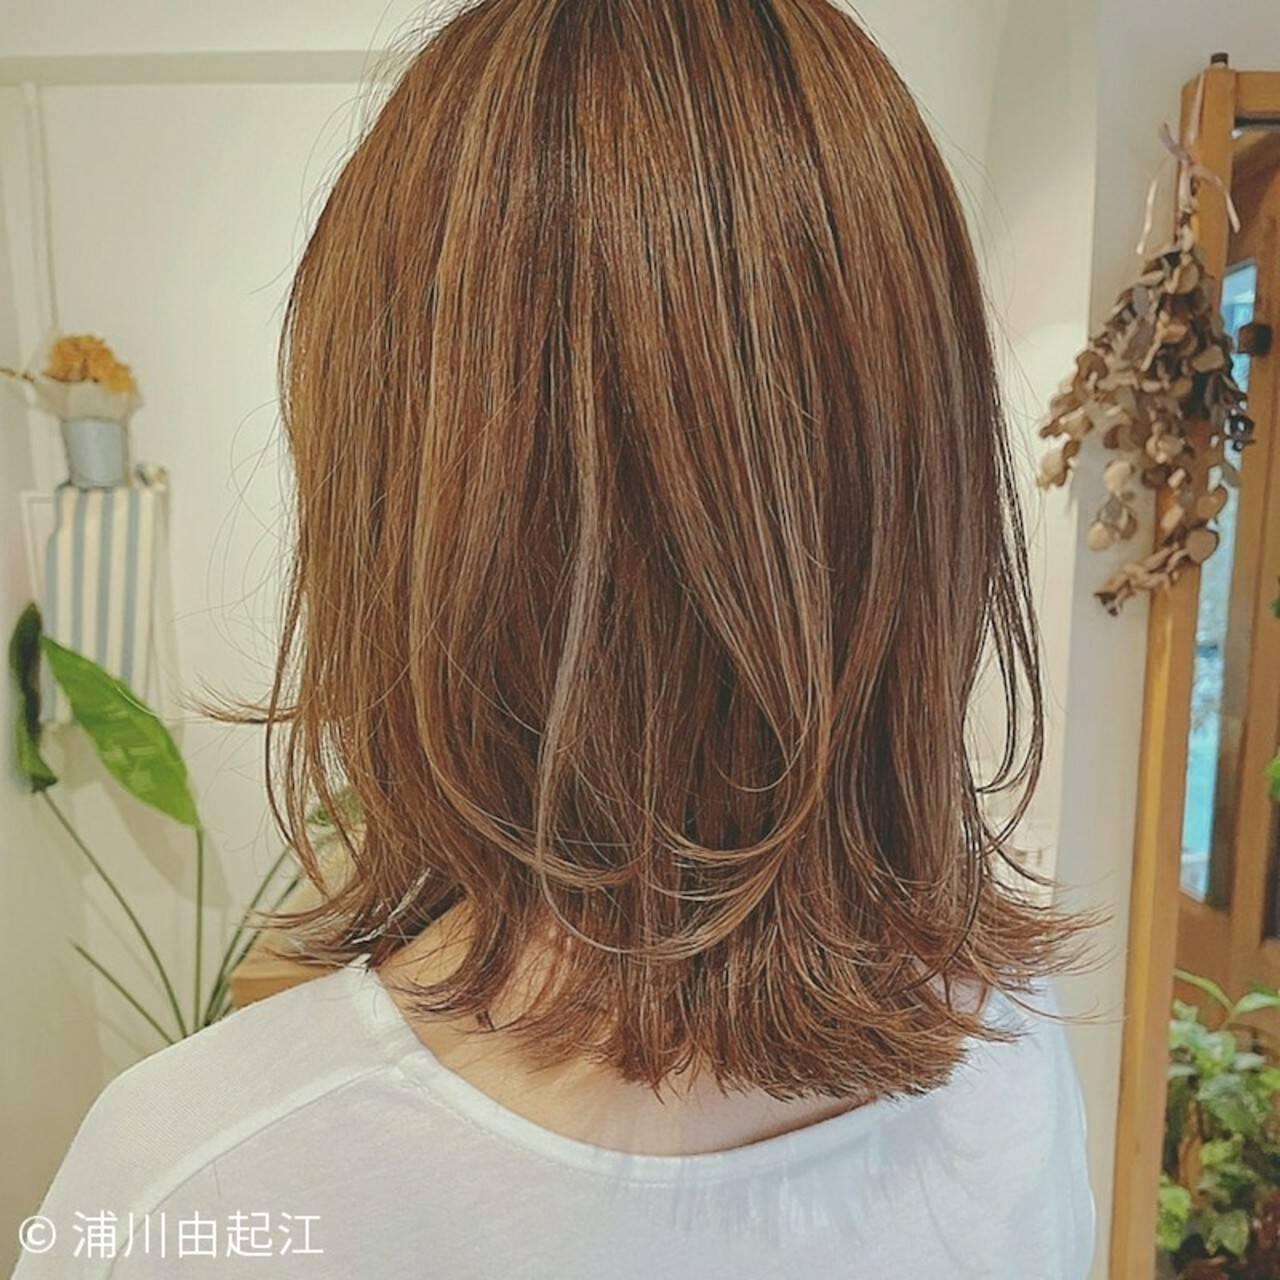 エレガント セミロング ゆるふわ 外国人風カラーヘアスタイルや髪型の写真・画像